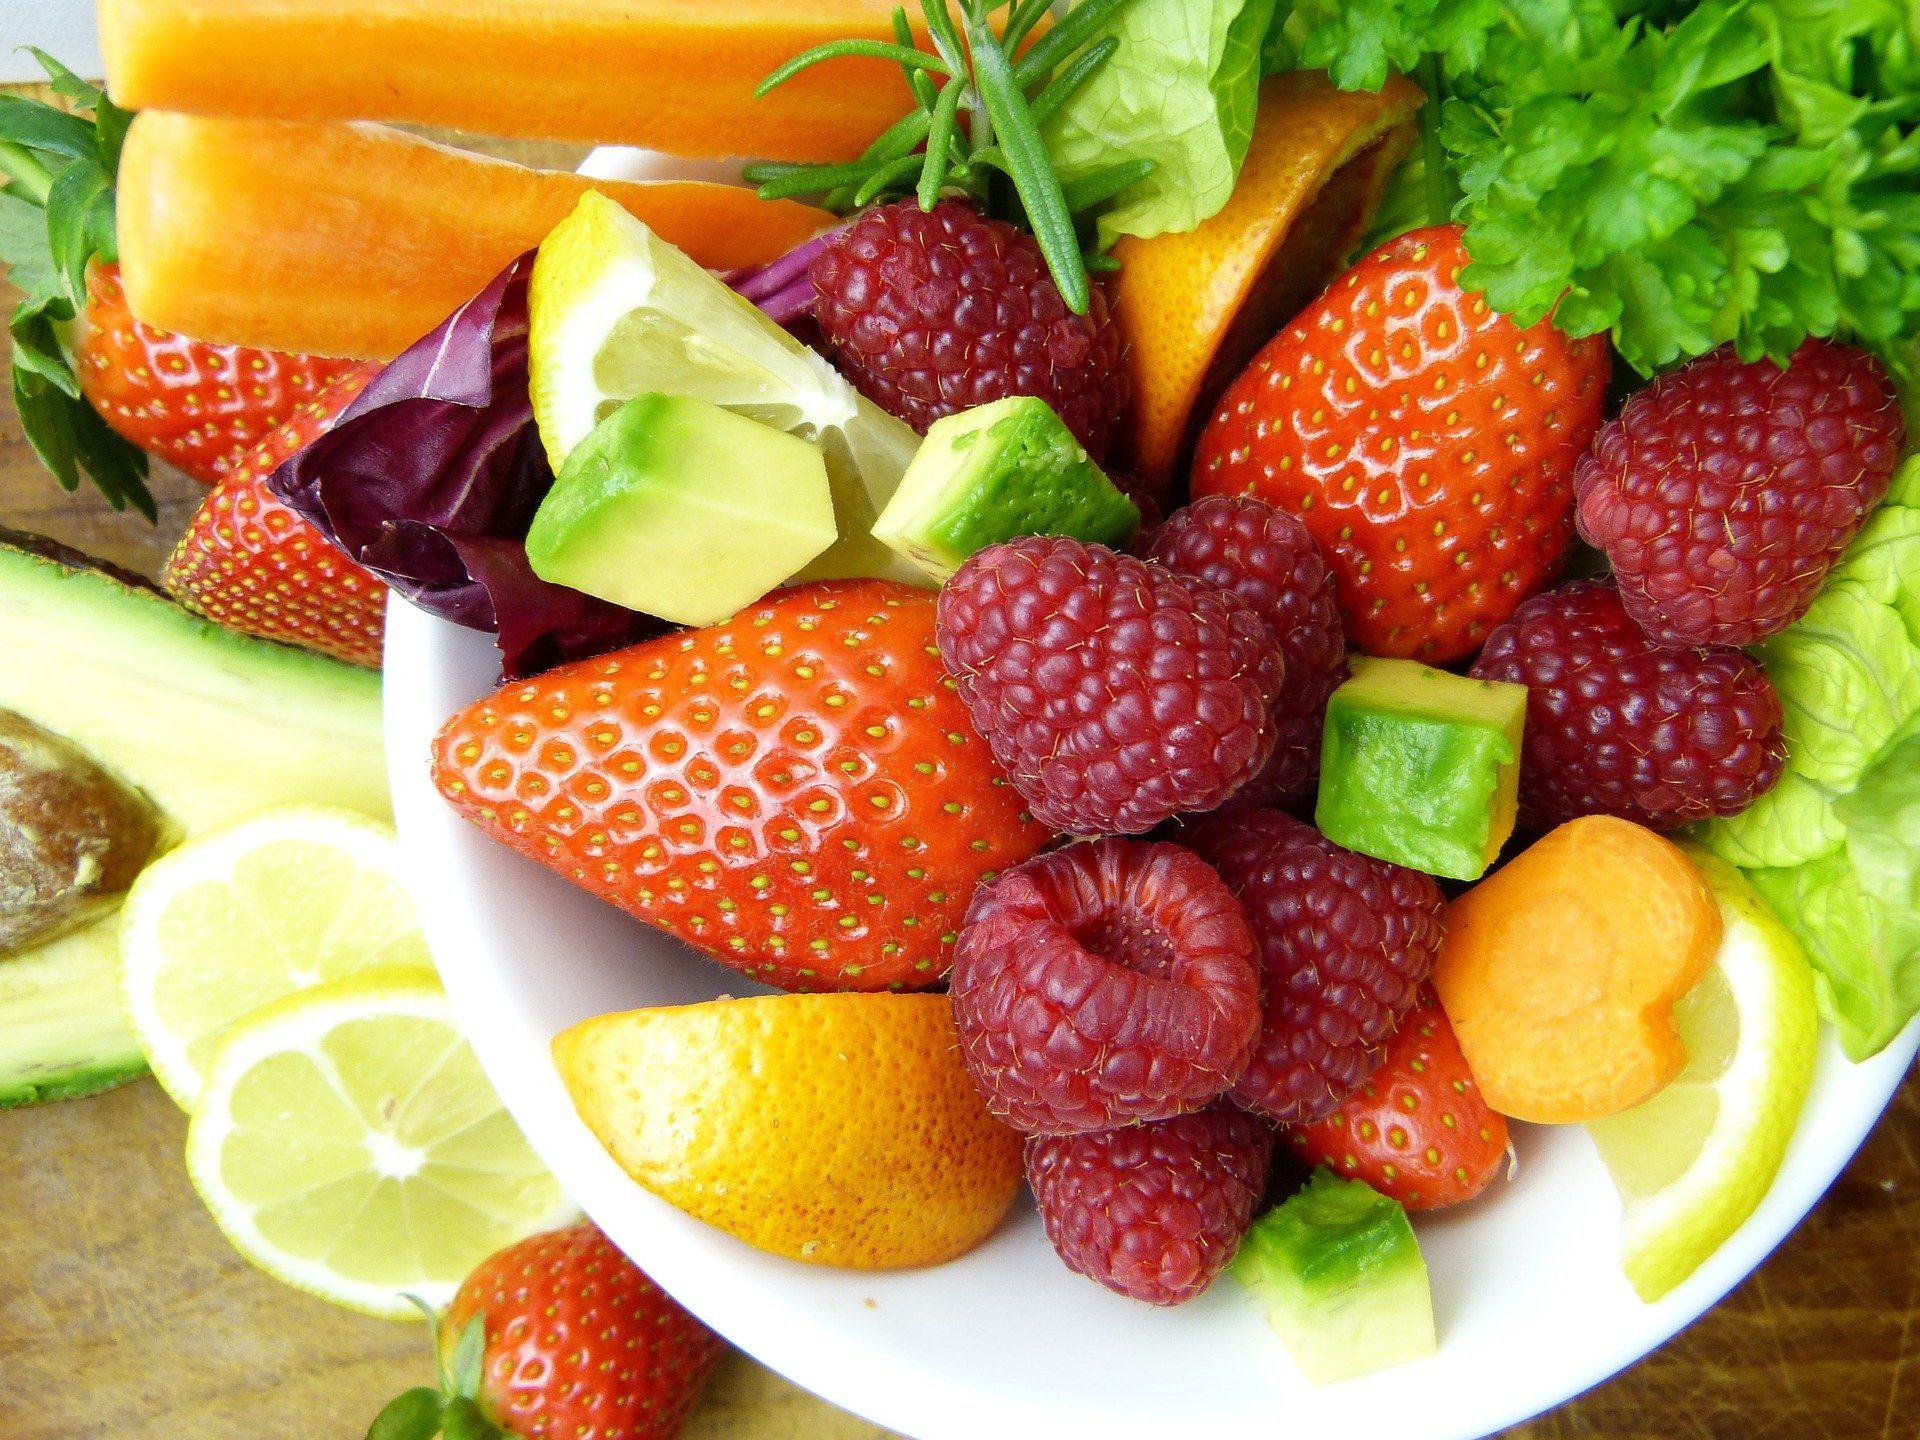 Zdrowa dieta, zdrowe odżywianie